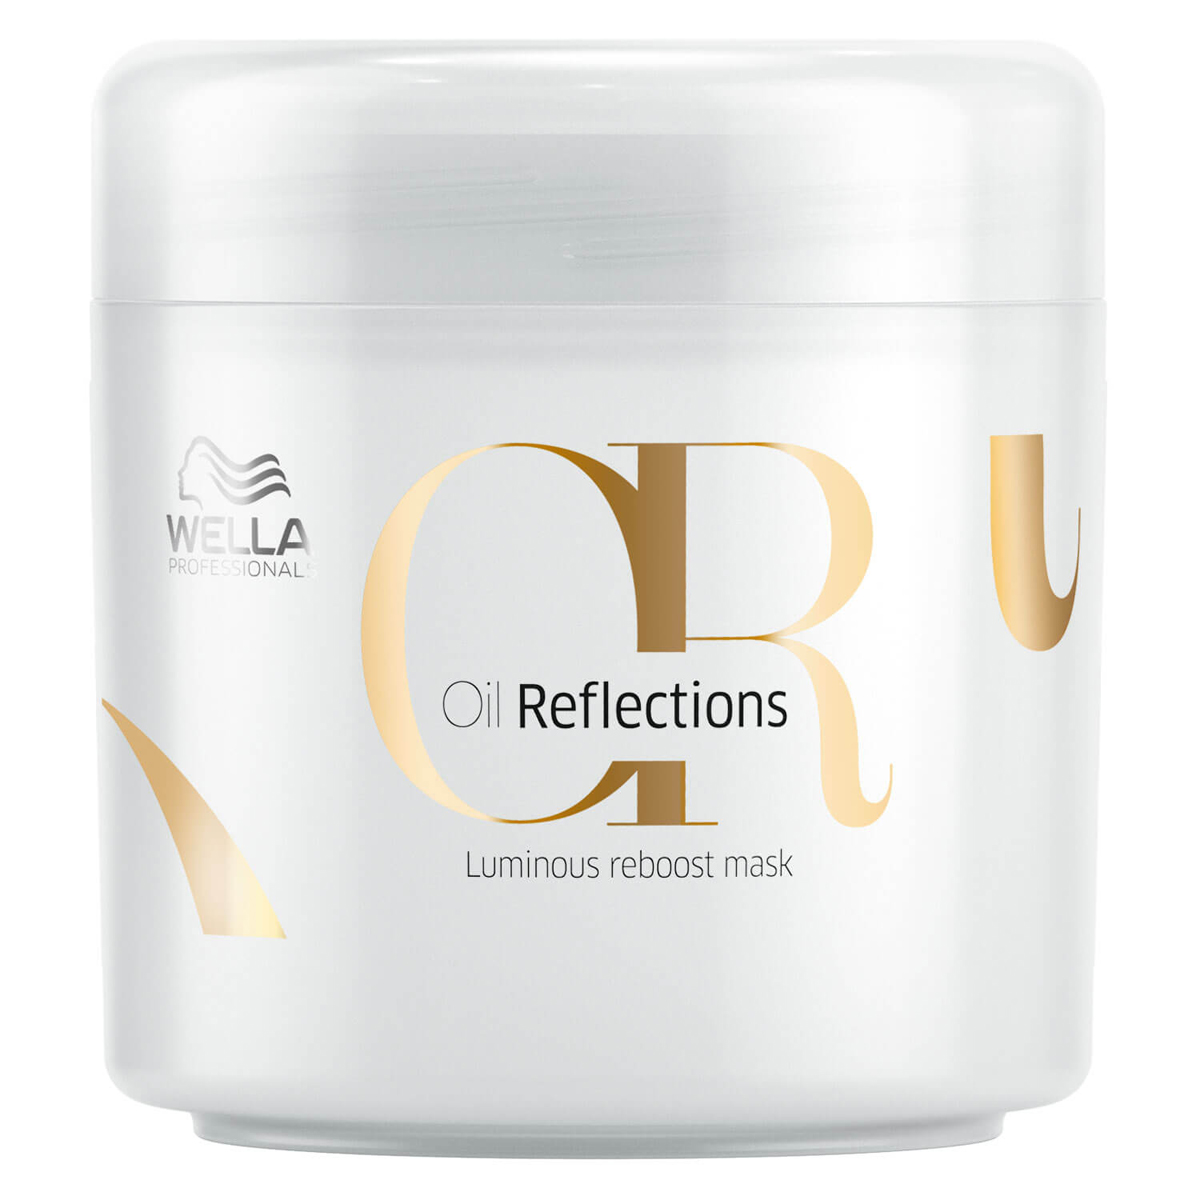 Wella Oil Reflections Luminous Reboost Mask Маска для интенсивного блеска волос, 150 мл81557382Интенсивная маска для придания сияющего блеска волосам. С маслом камелии и экстрактом белого чая. Подходит для всех типов волос.Объем: 150 мл